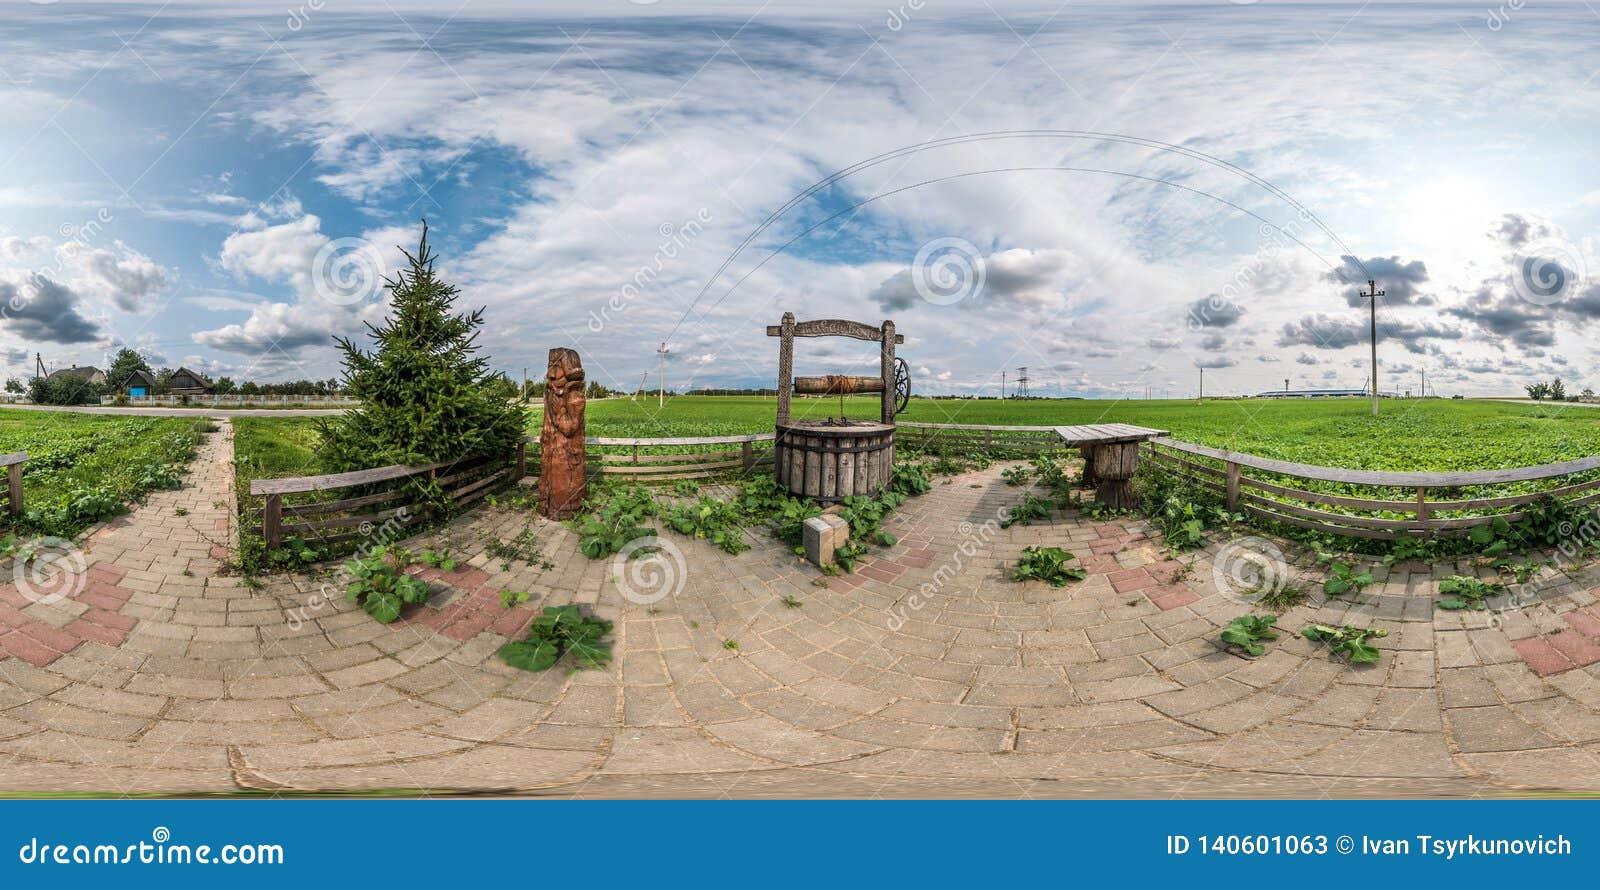 Full sömlös sfärisk panorama 360 vid sikt för vinkel 180 som ett ställe av vilar med en väl latringrop och en trätabell i equirec